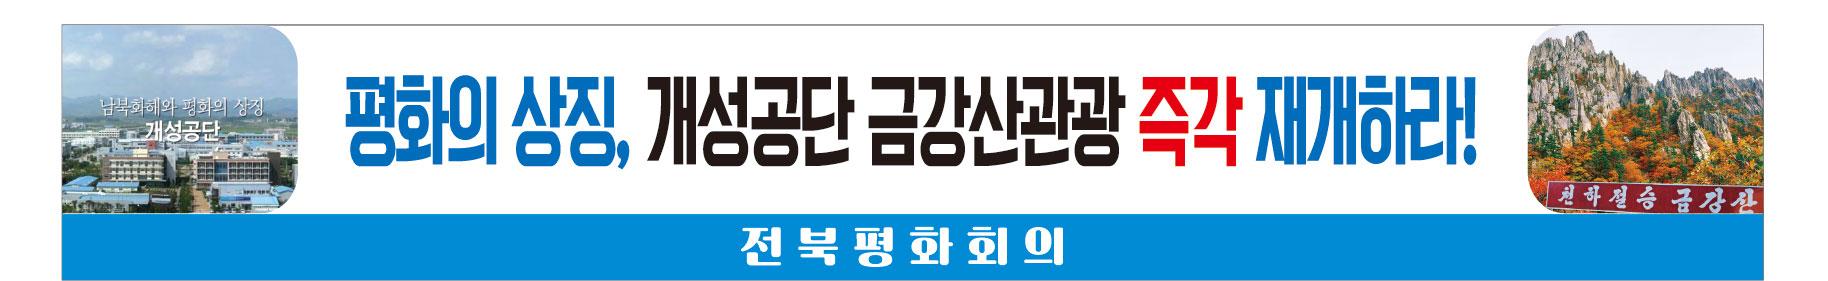 개성공단 관련 현수막 시안_교구알림용.jpg